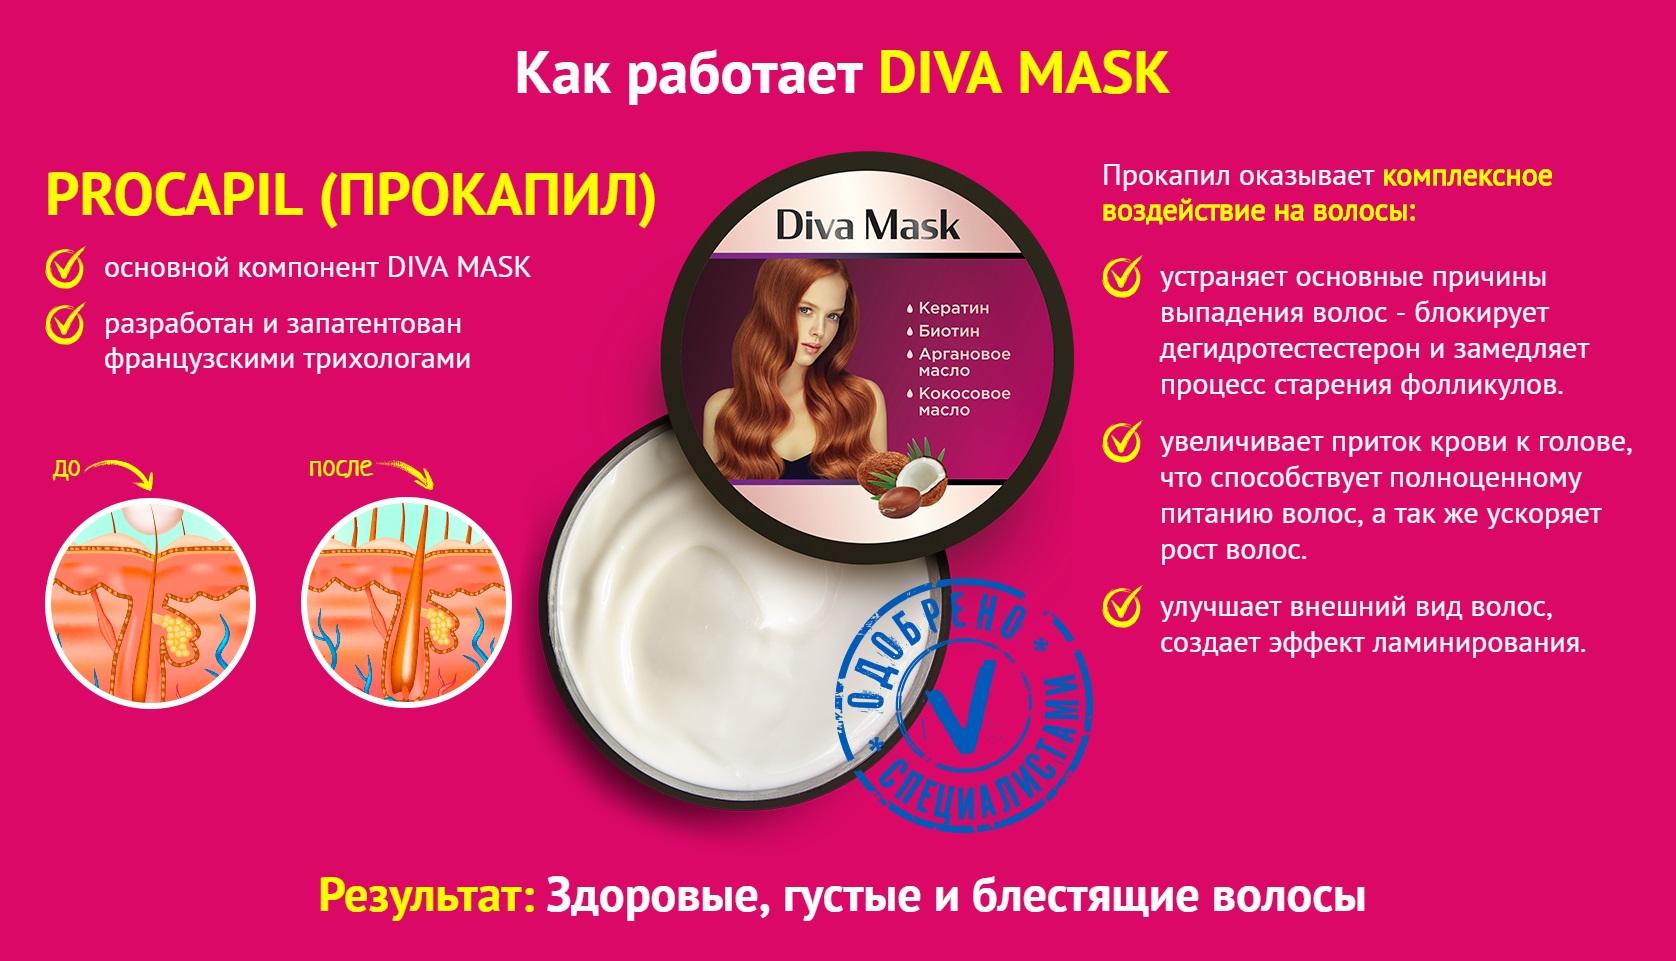 Как работает Diva Mask